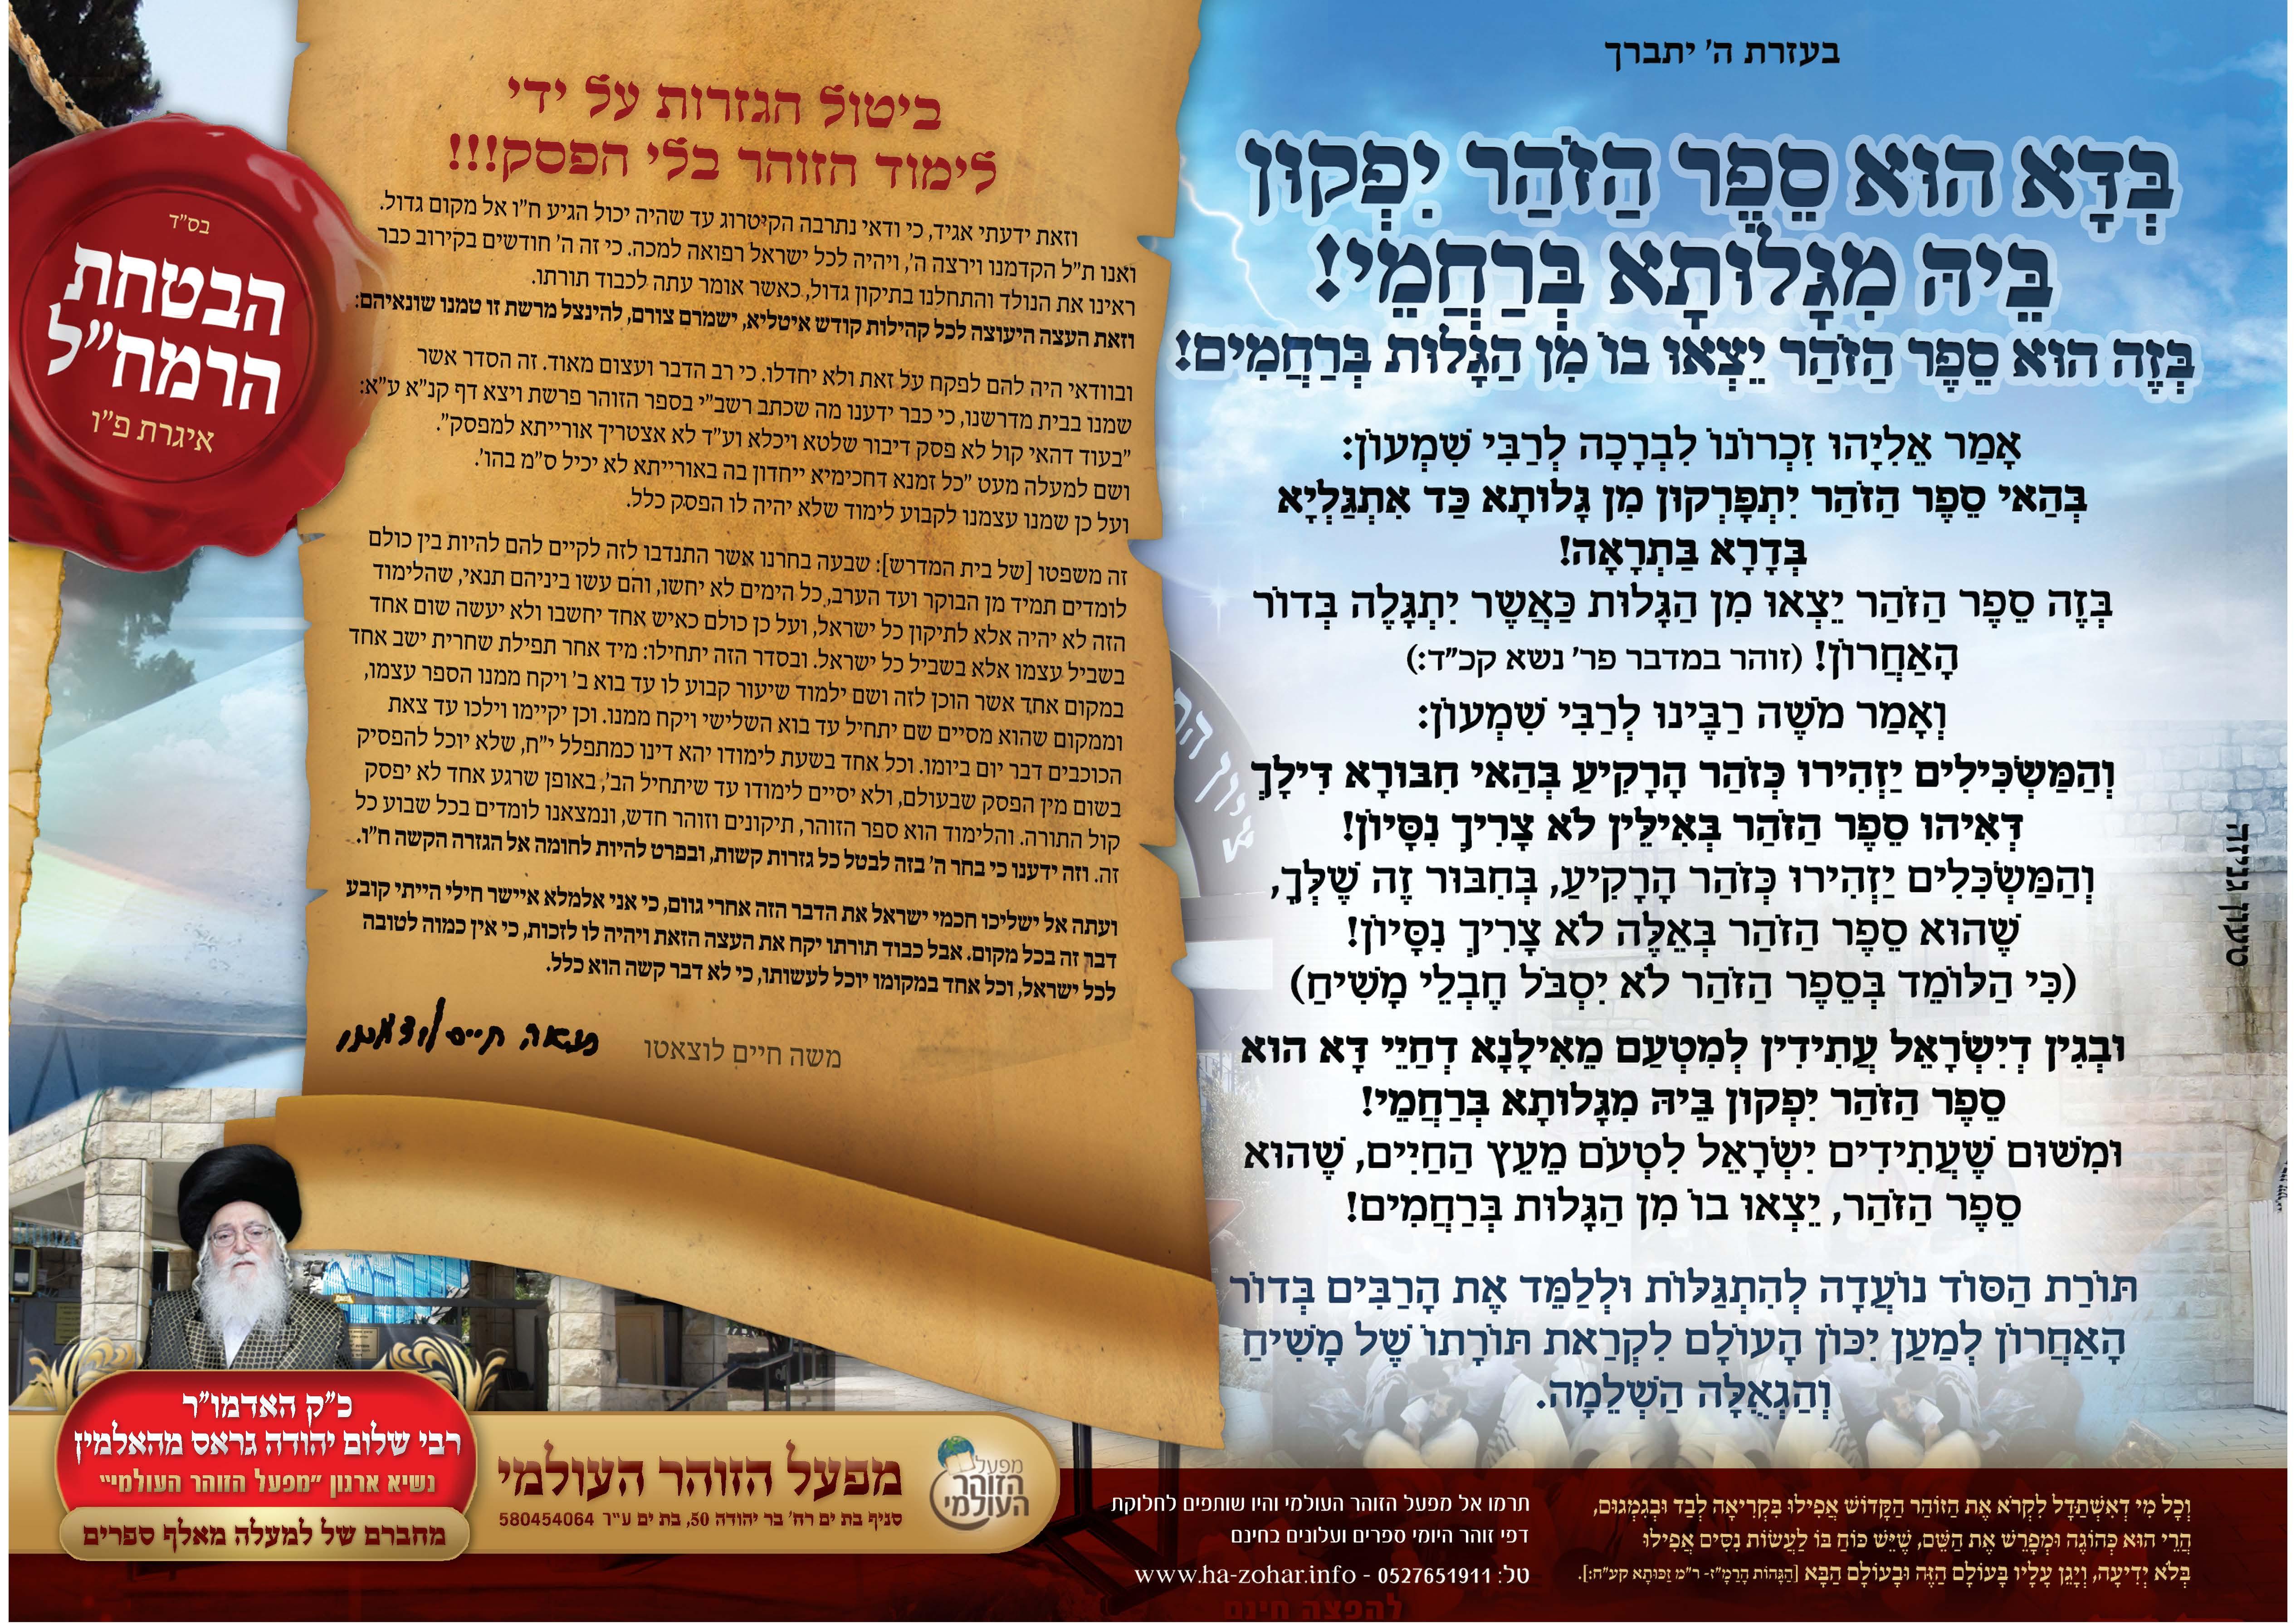 זוהר- בזכותי יצא עם ישראל מהגלות ברחמים הבטחת הרמחל